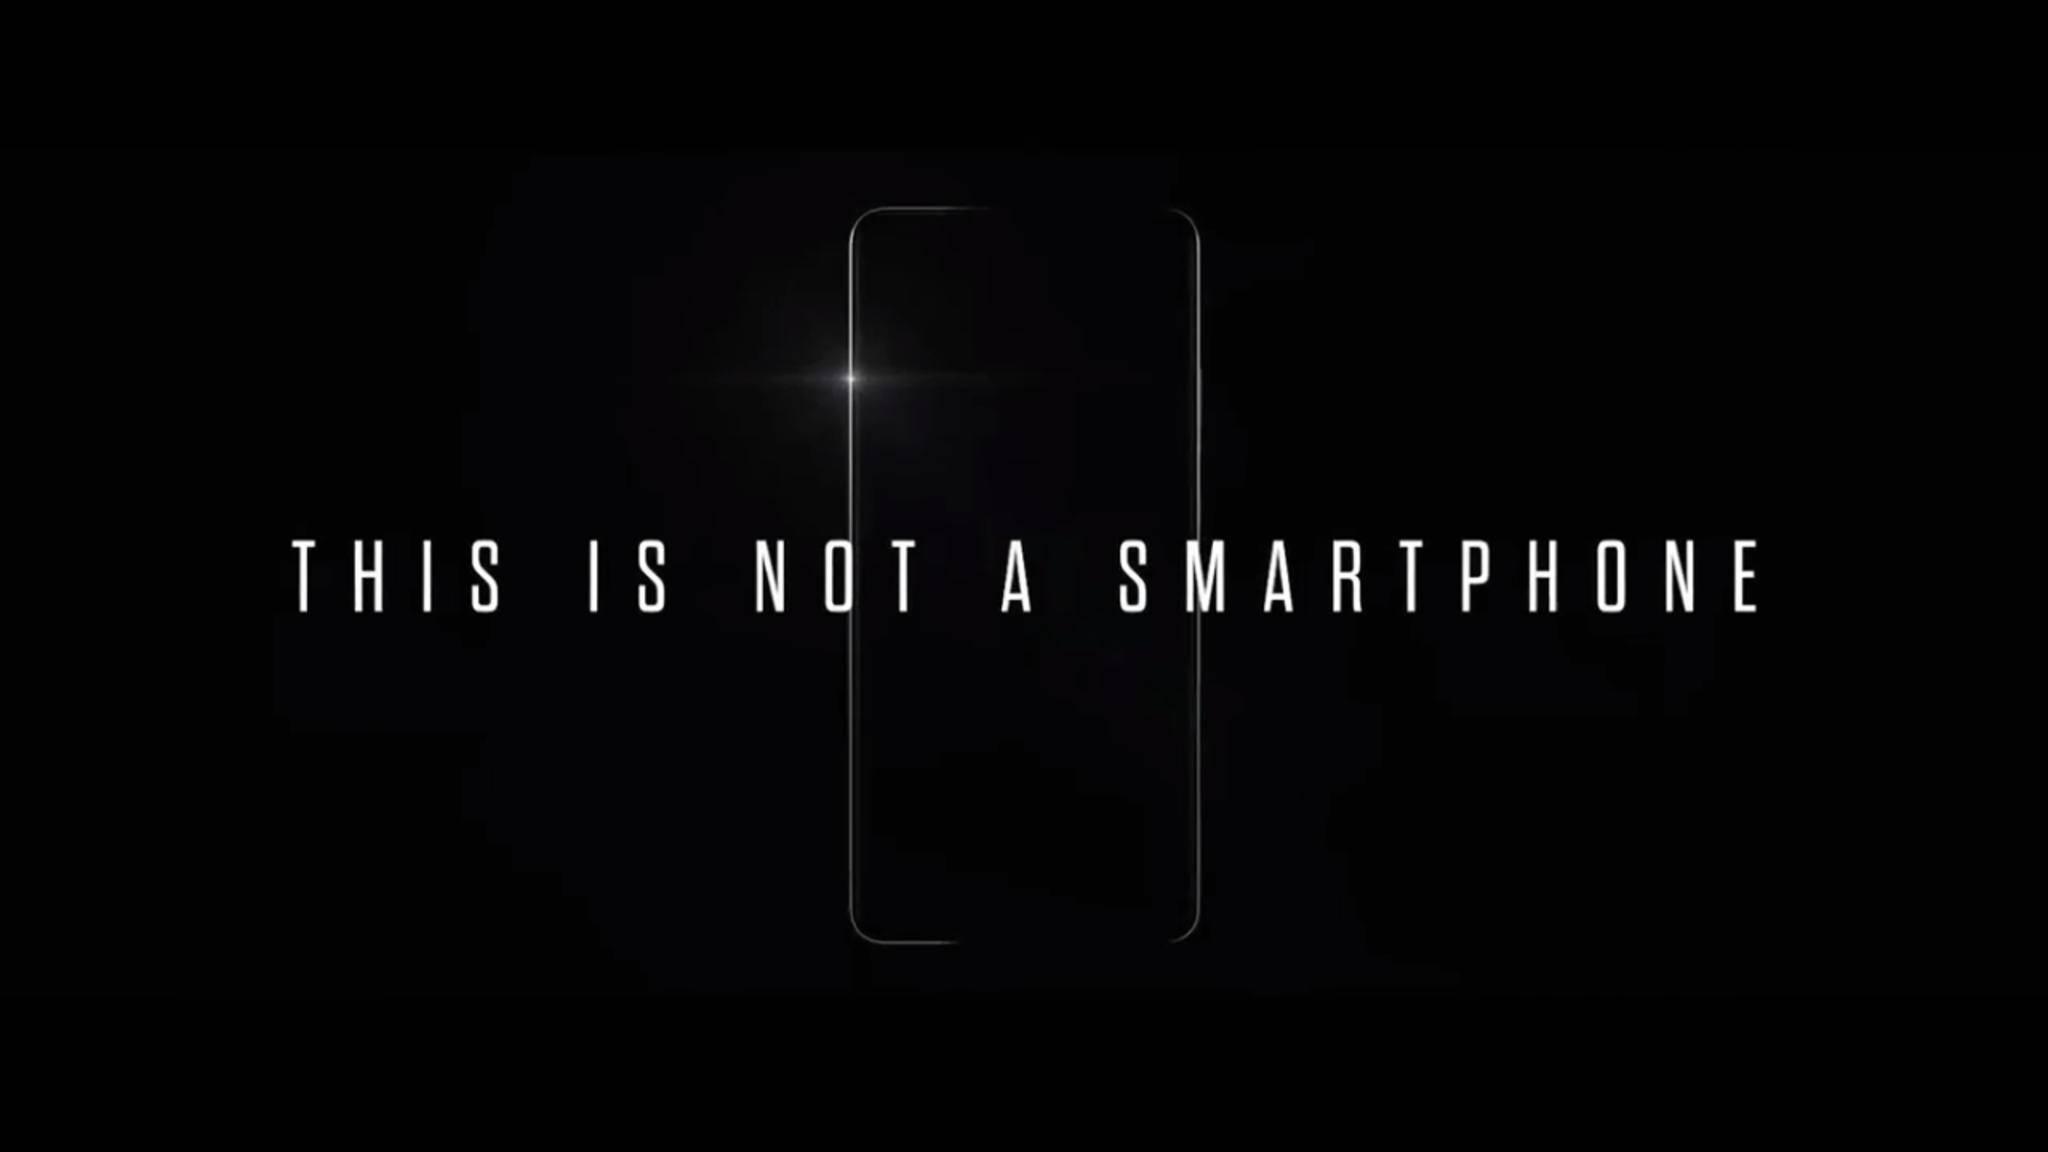 Das Huawei Mate 10 wird am 16. Oktober vorgestellt.